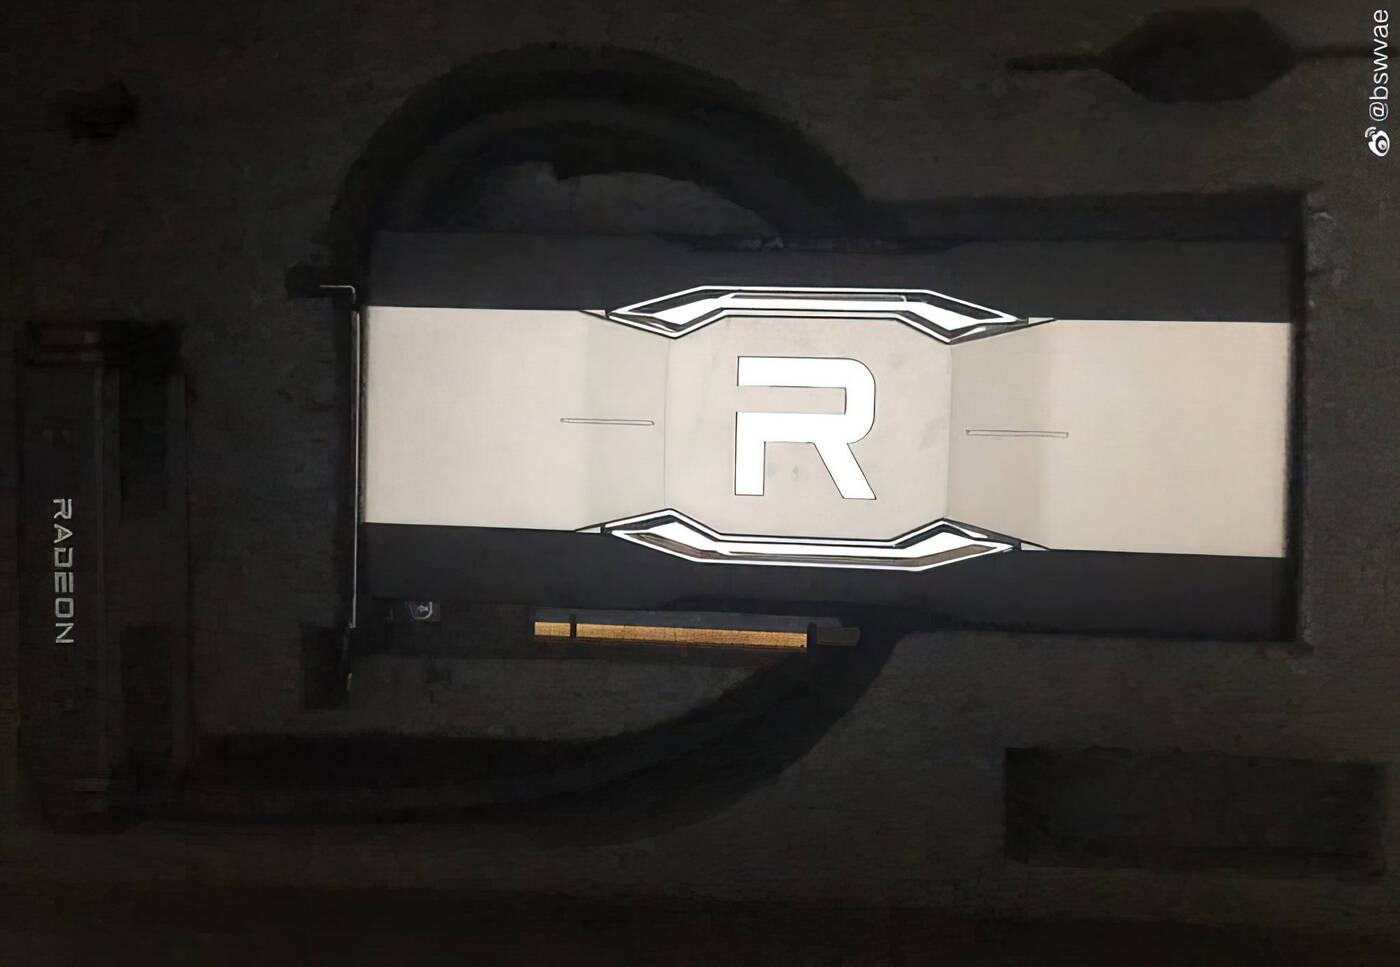 Tajemnicza karta Radeon RX 6900 XTX z chłodzeniem wodnym